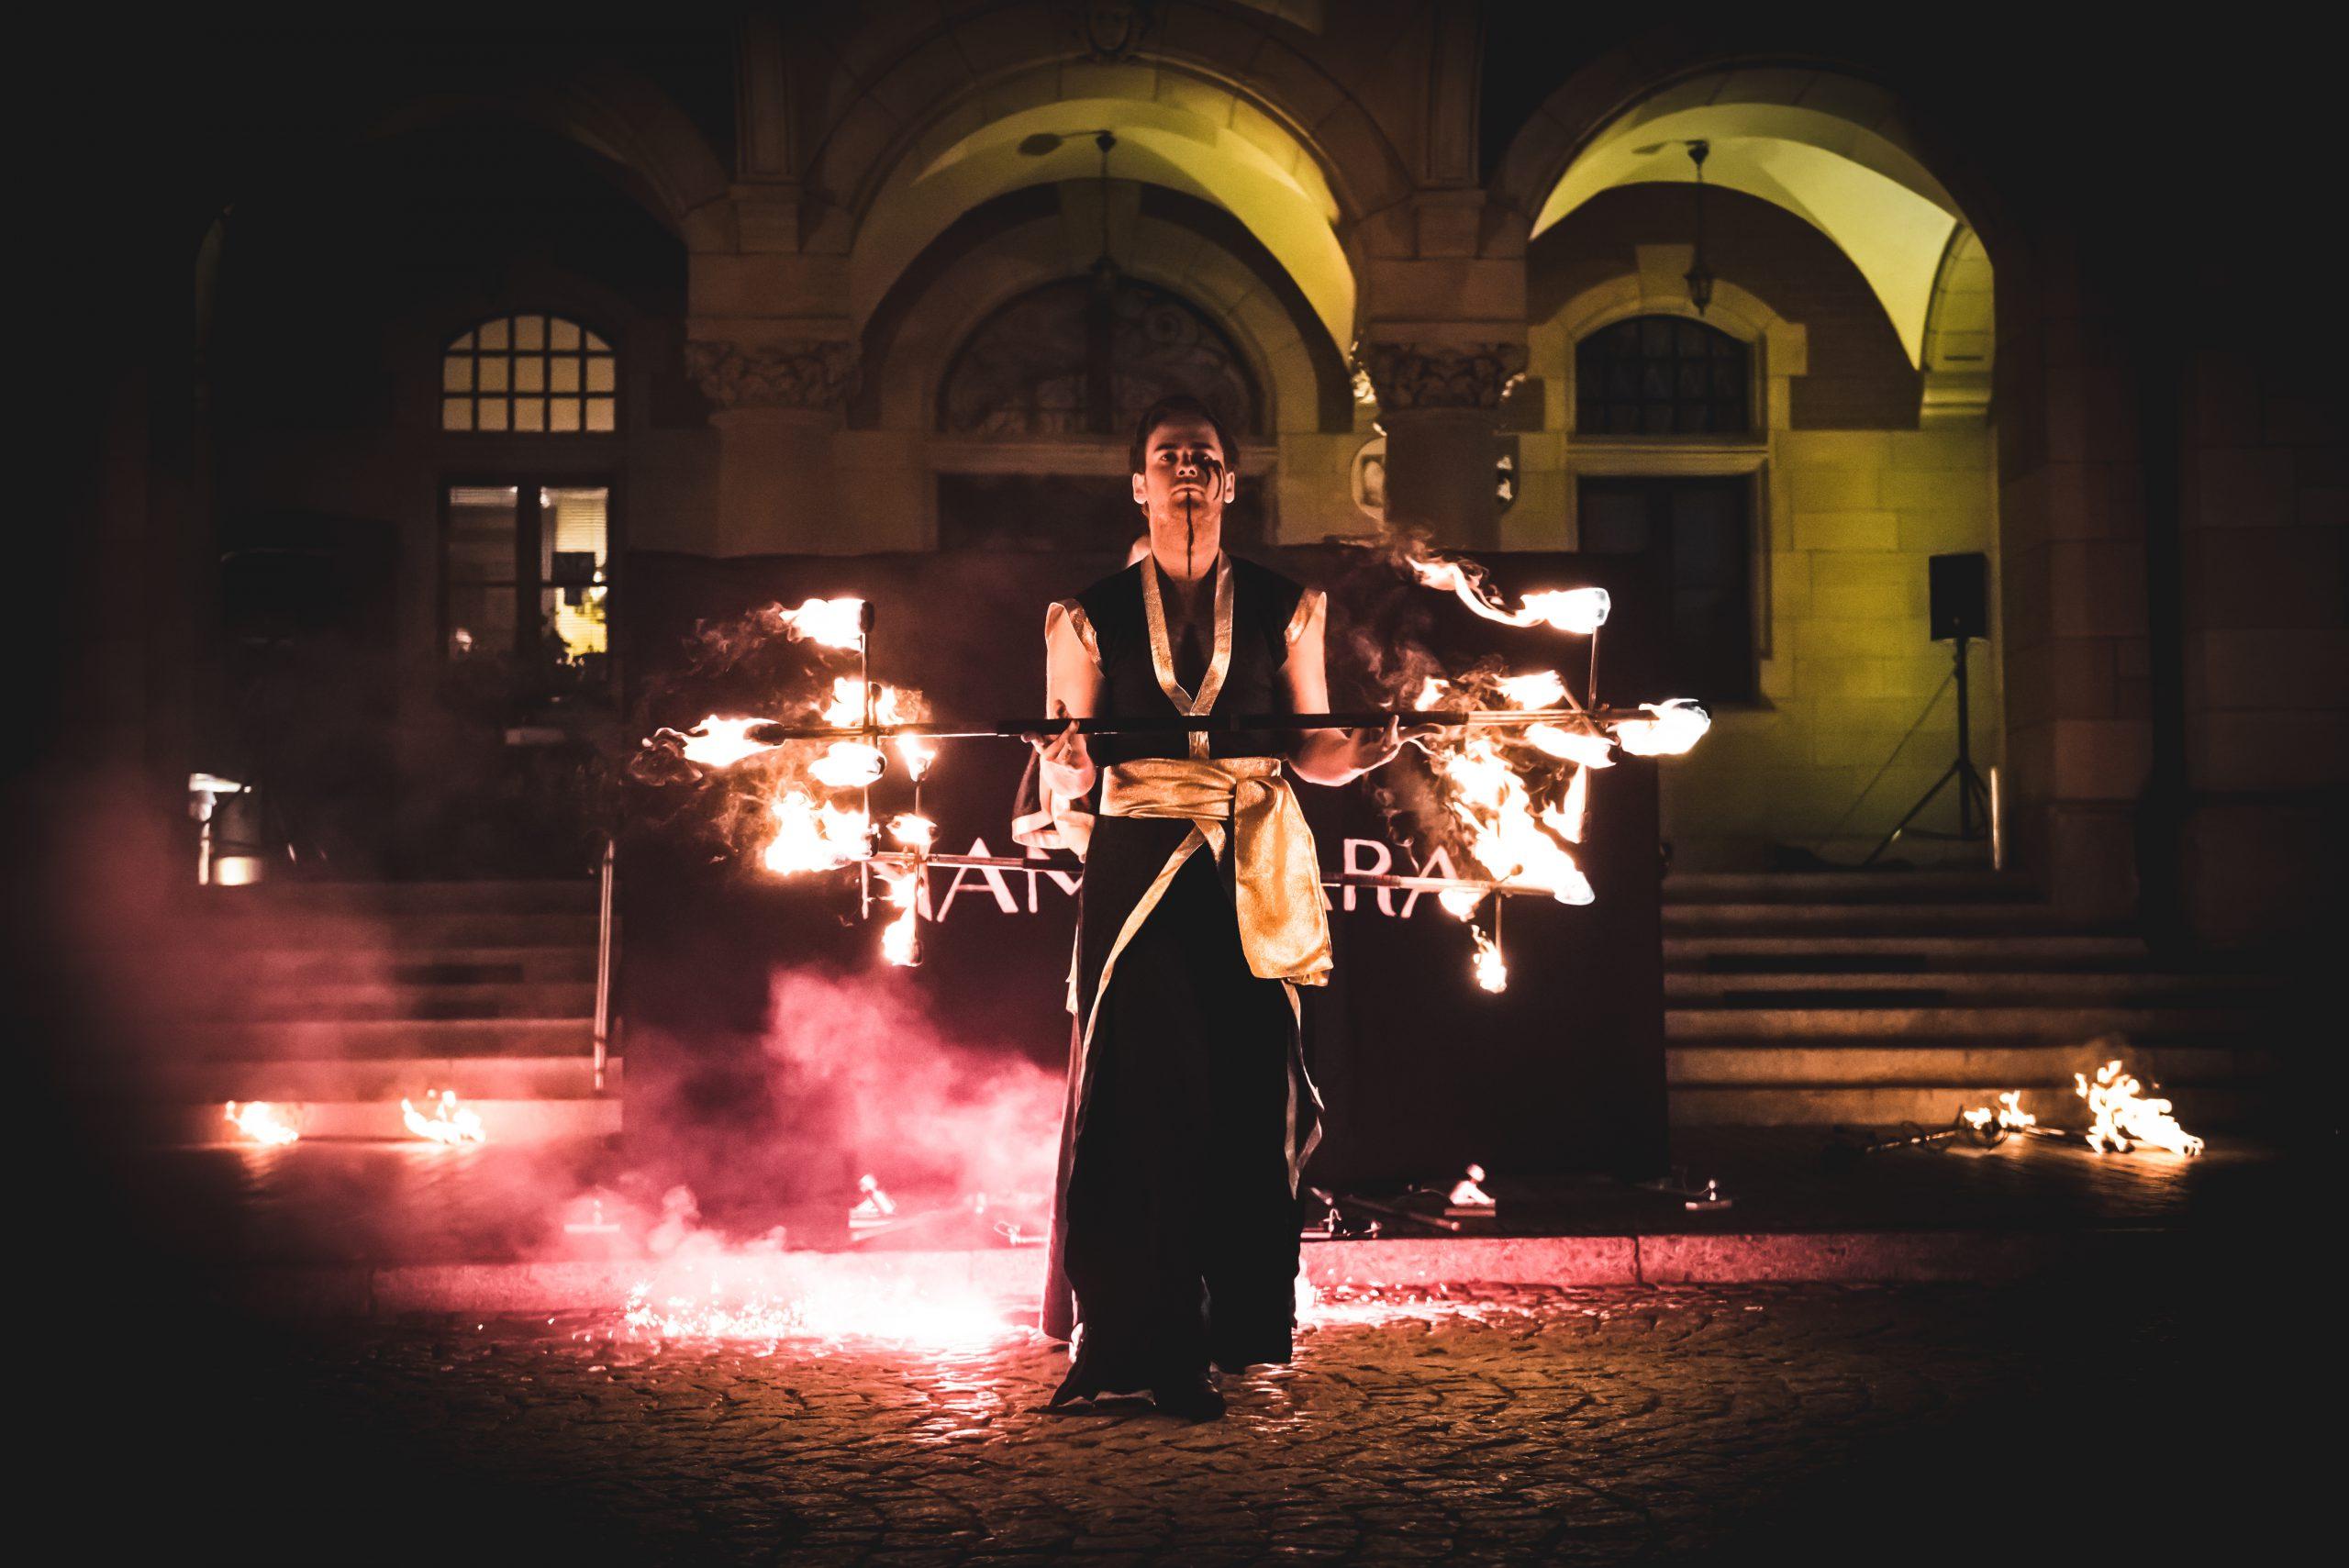 aktor grający czarnoksiężnika w teatrze ognia